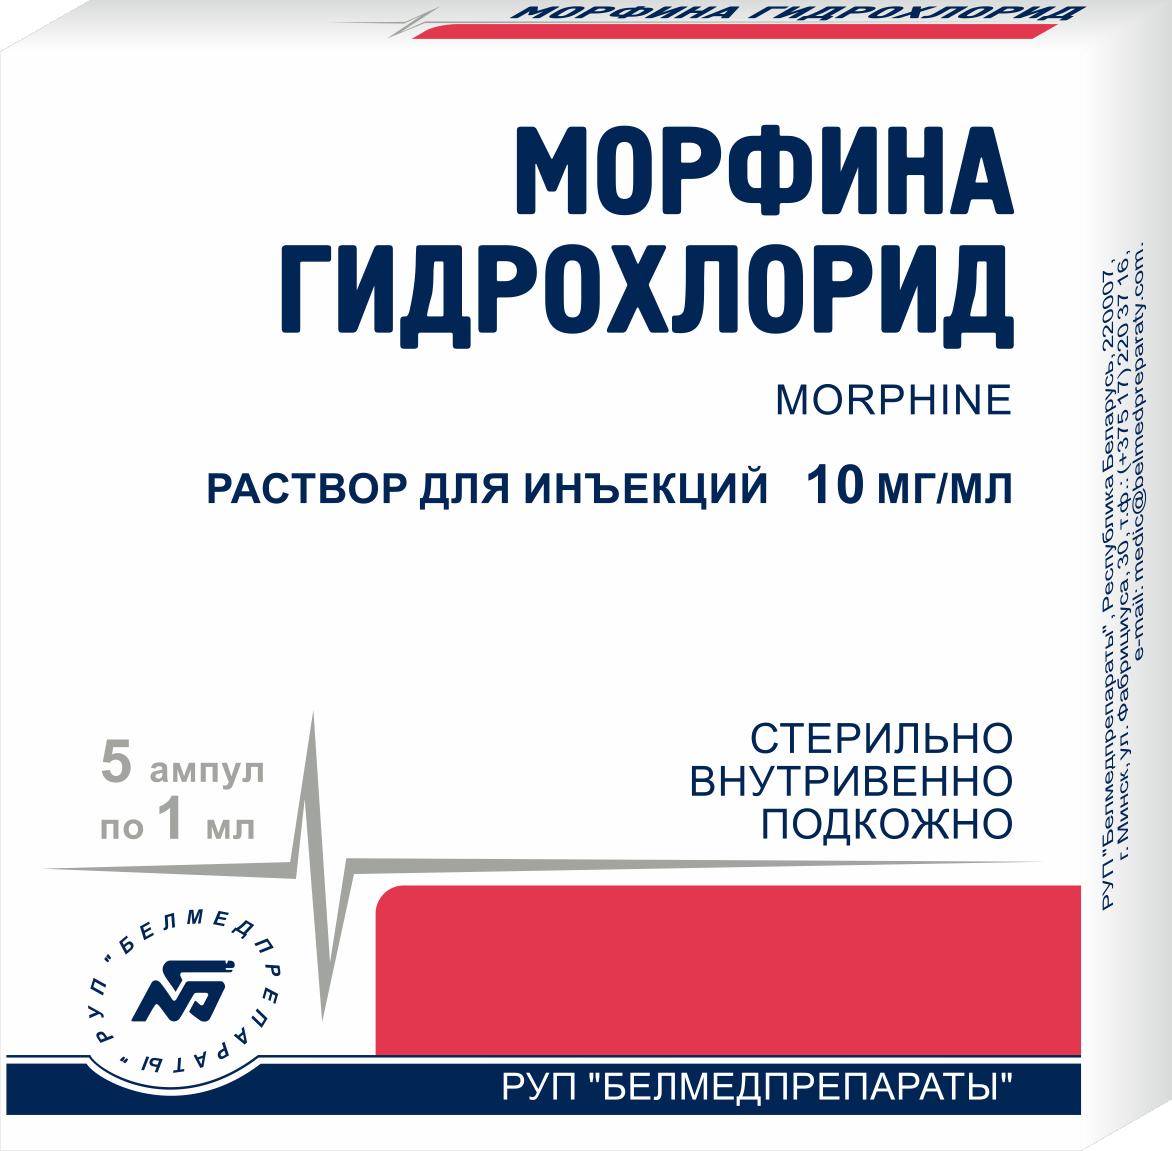 Морфин (лекарственное средство) | контроль разума | fandom